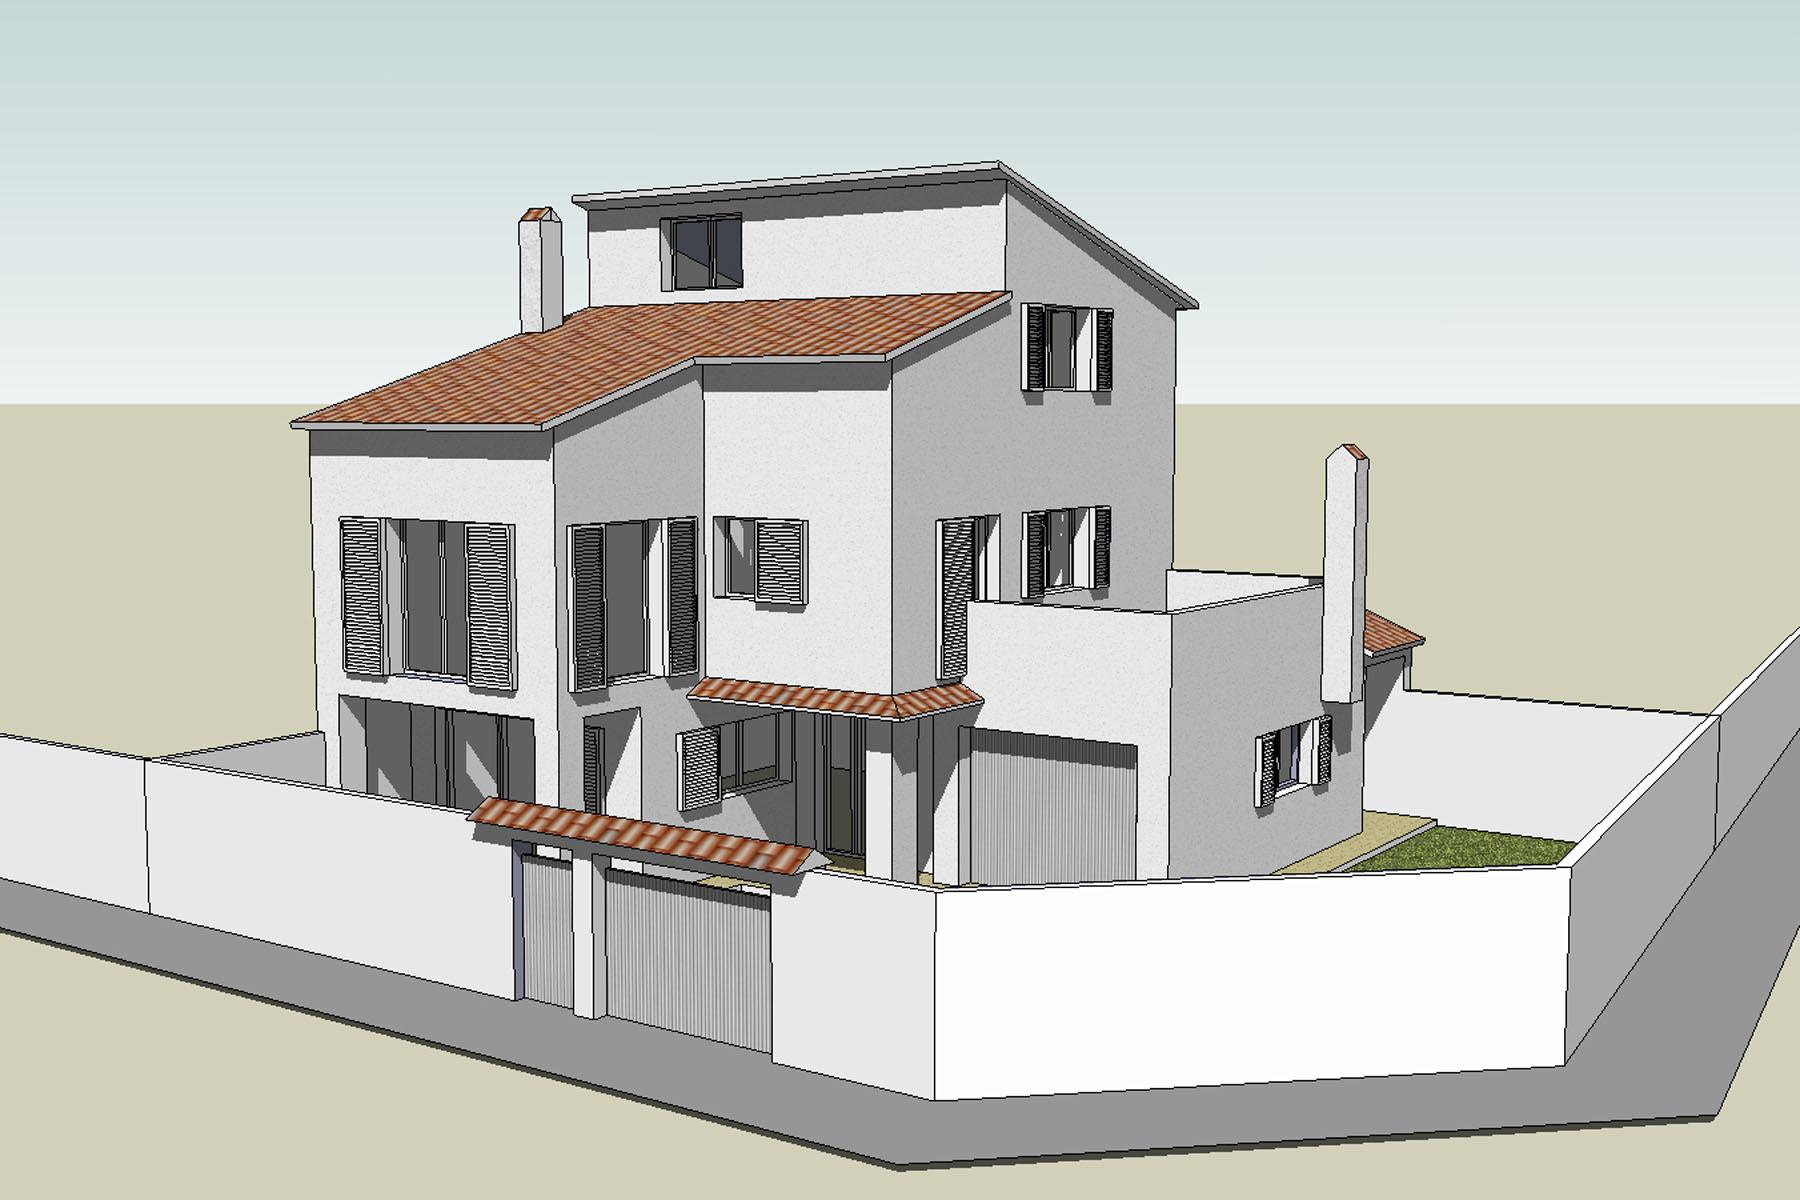 Ampliación de vivienda unifamiliar aislada en Carrer de Sitges Sant Pere de Ribes